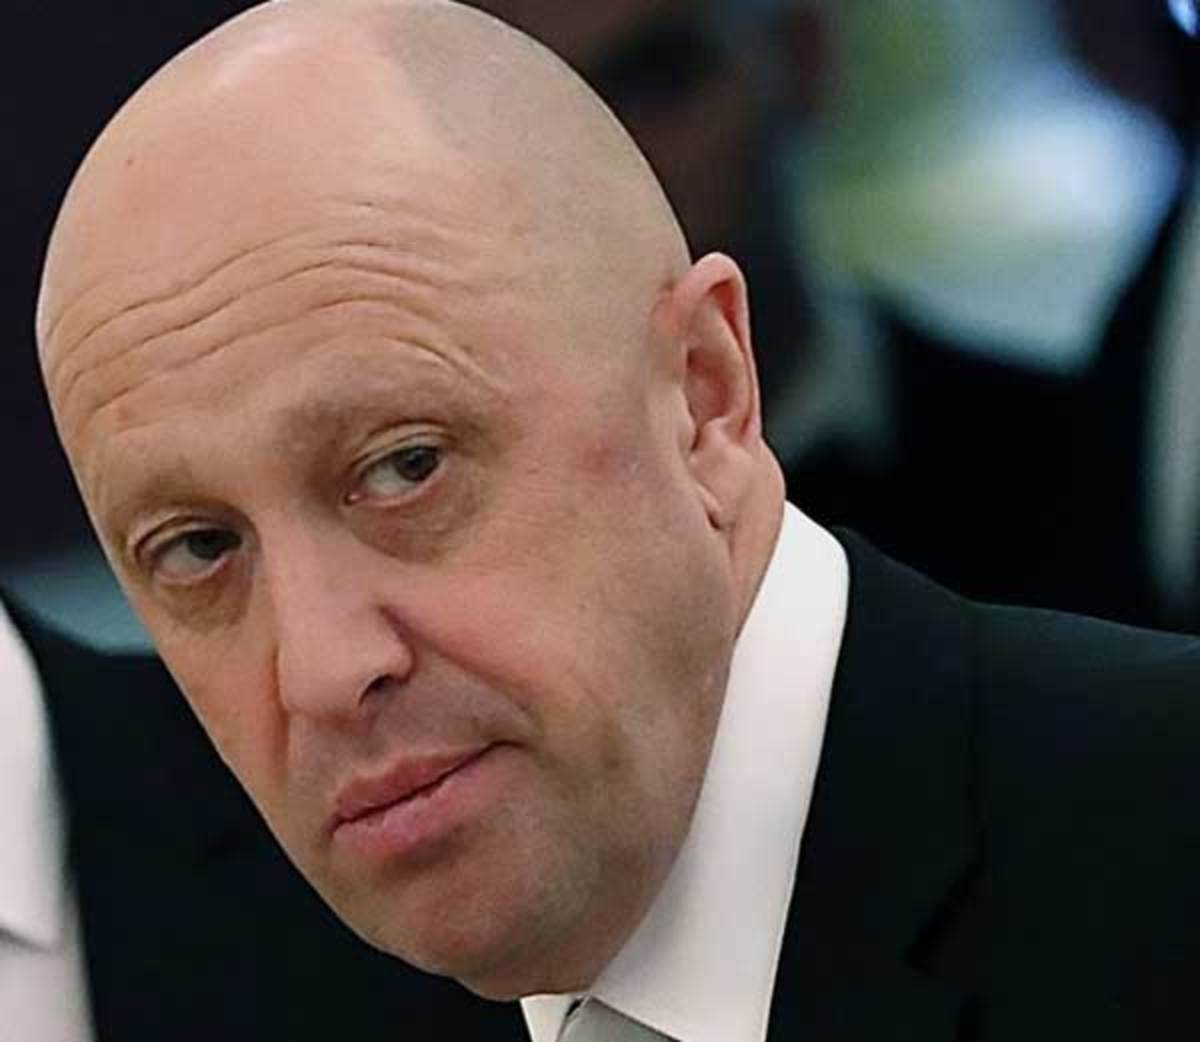 Σεισμός στην Μόσχα! Ο «σεφ» του Πούτιν «μαγείρεψε» τις εκλογές στις ΗΠΑ   Newsit.gr